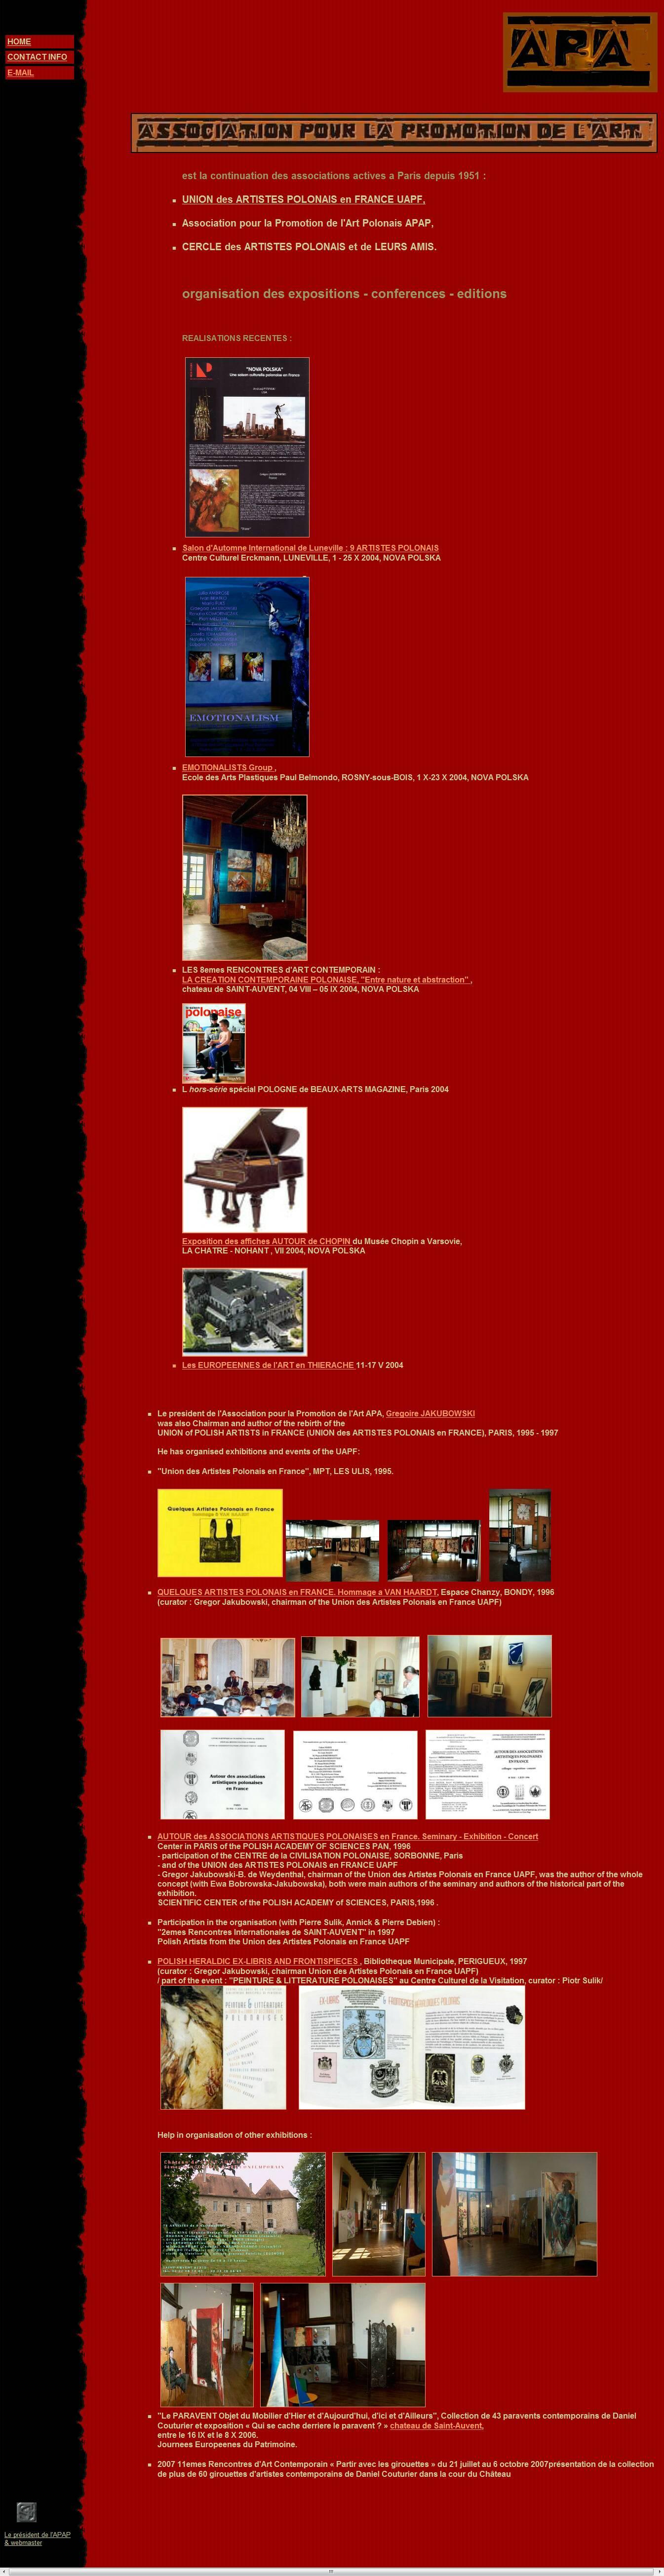 ASSOCIATION POUR LA PROMOTION des ARTS website